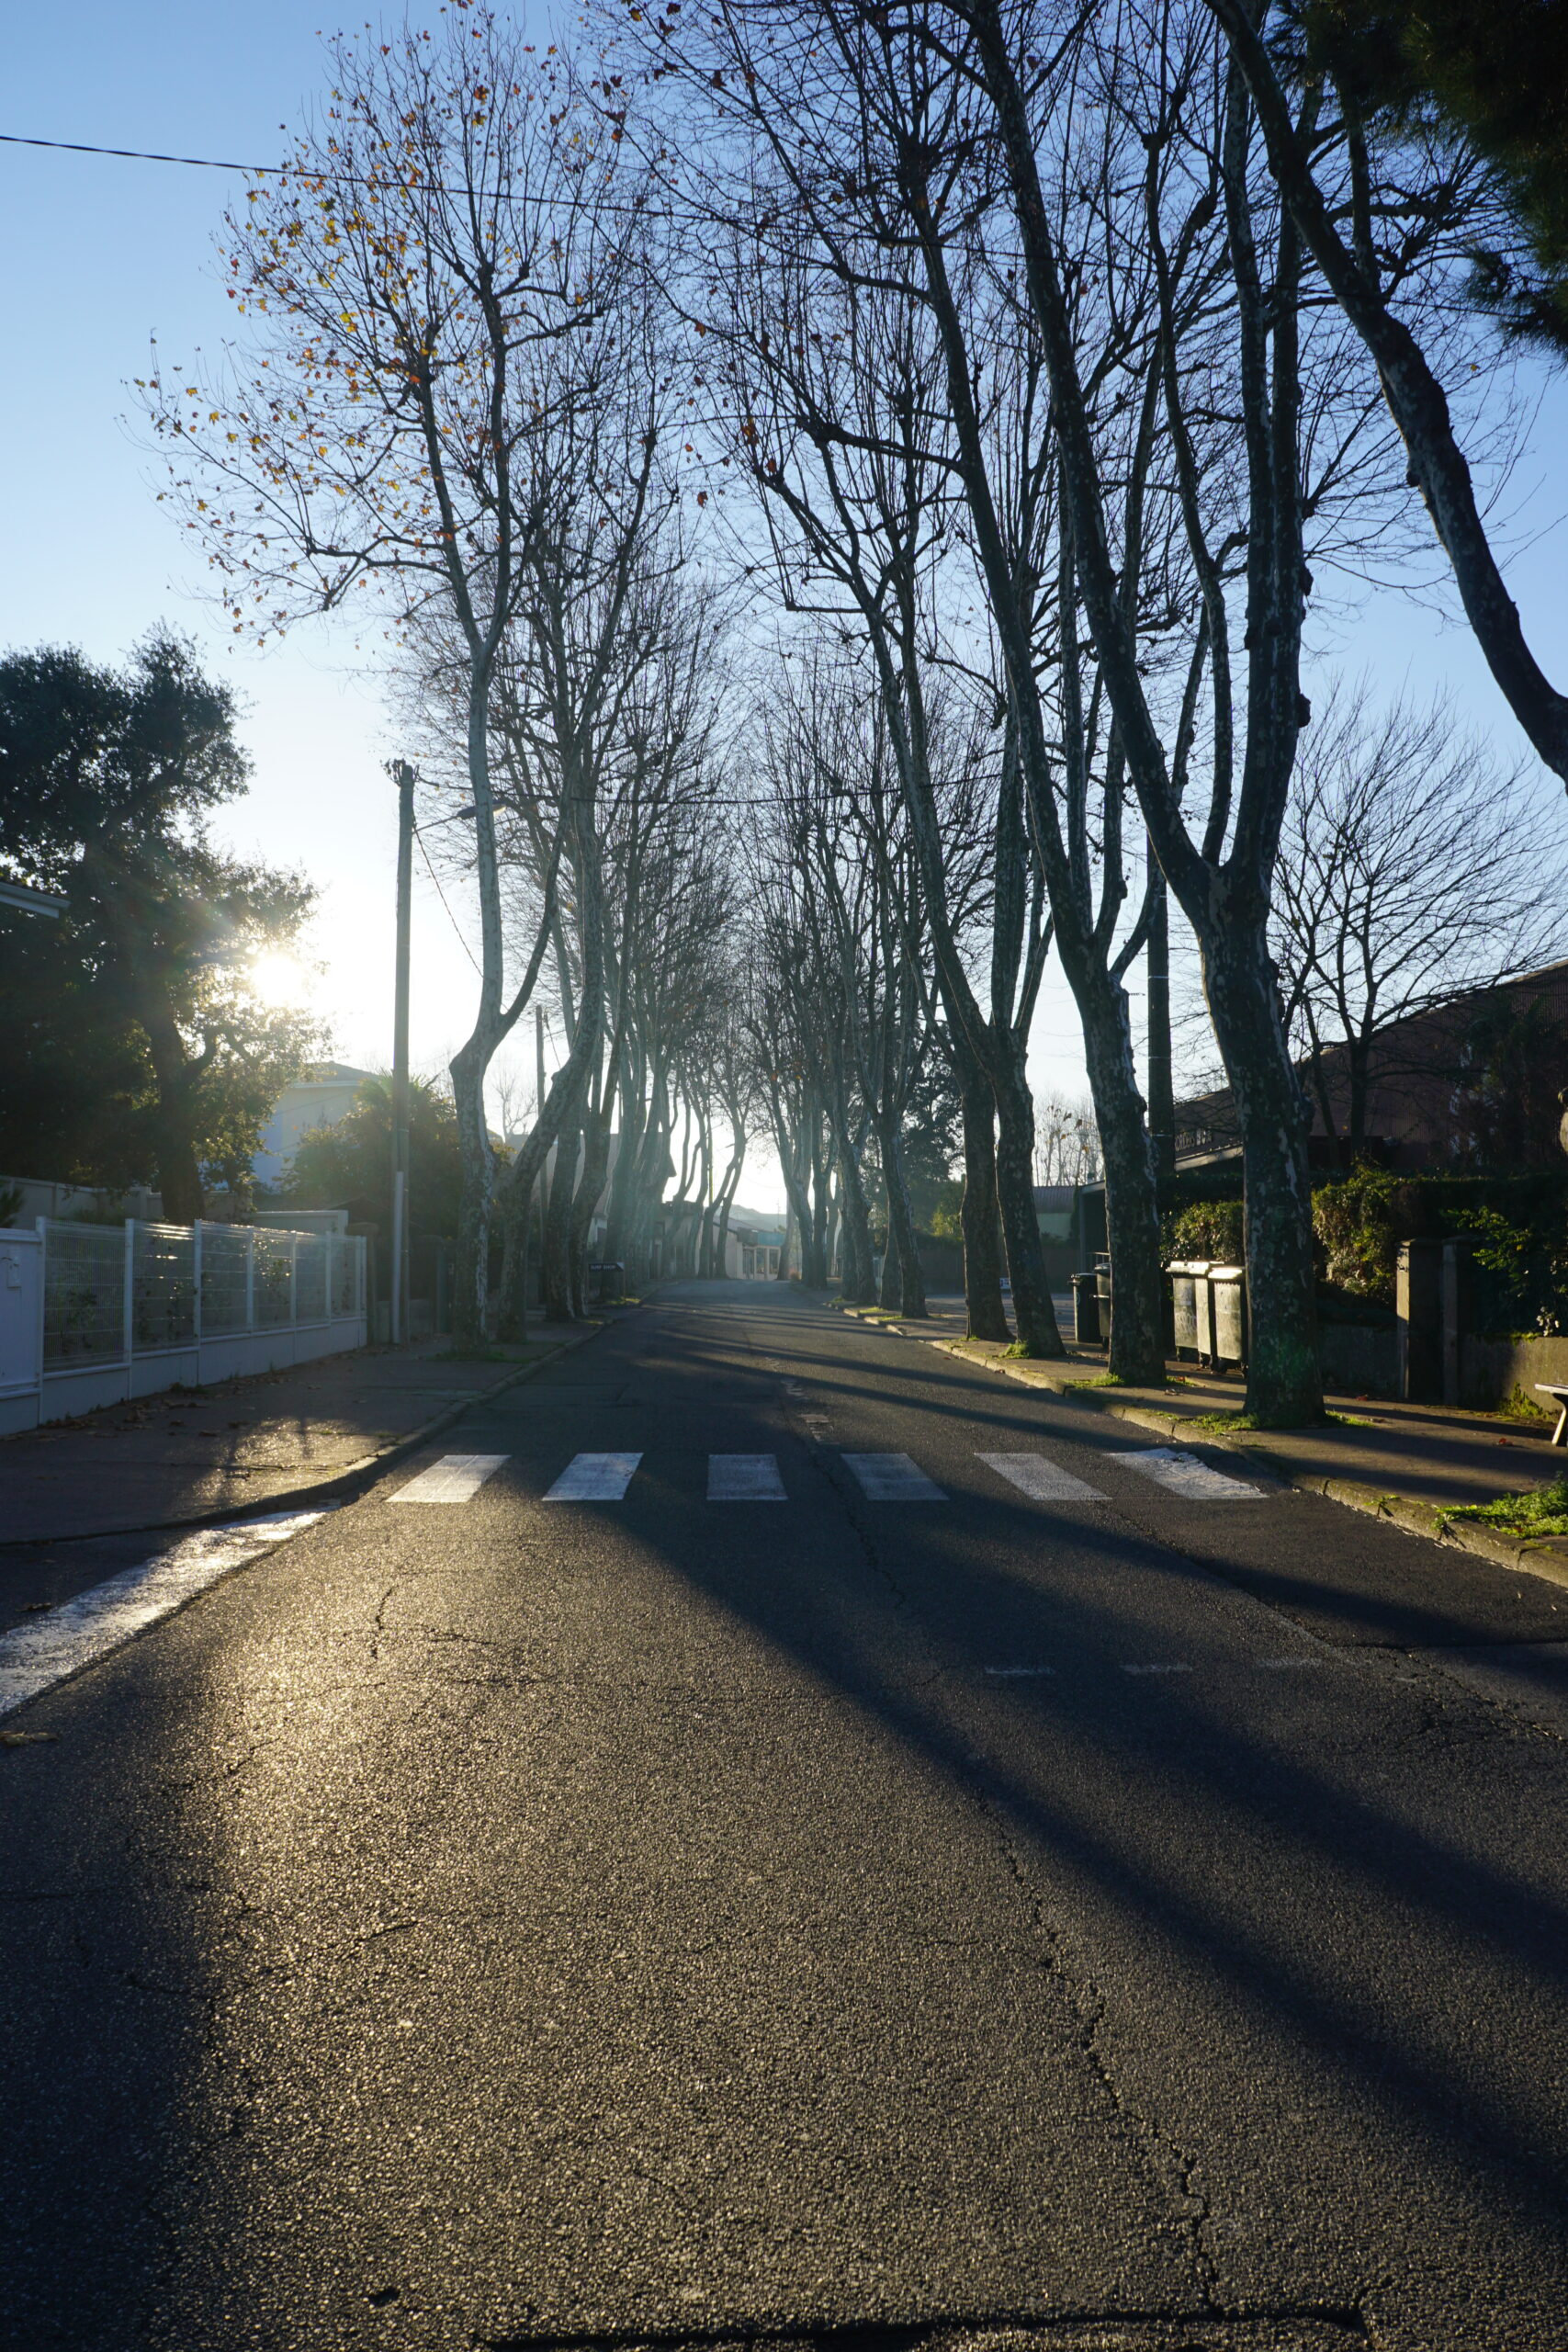 Photographie d'une rue déserte où les arbres forment des ombres chinoises sur le sol.